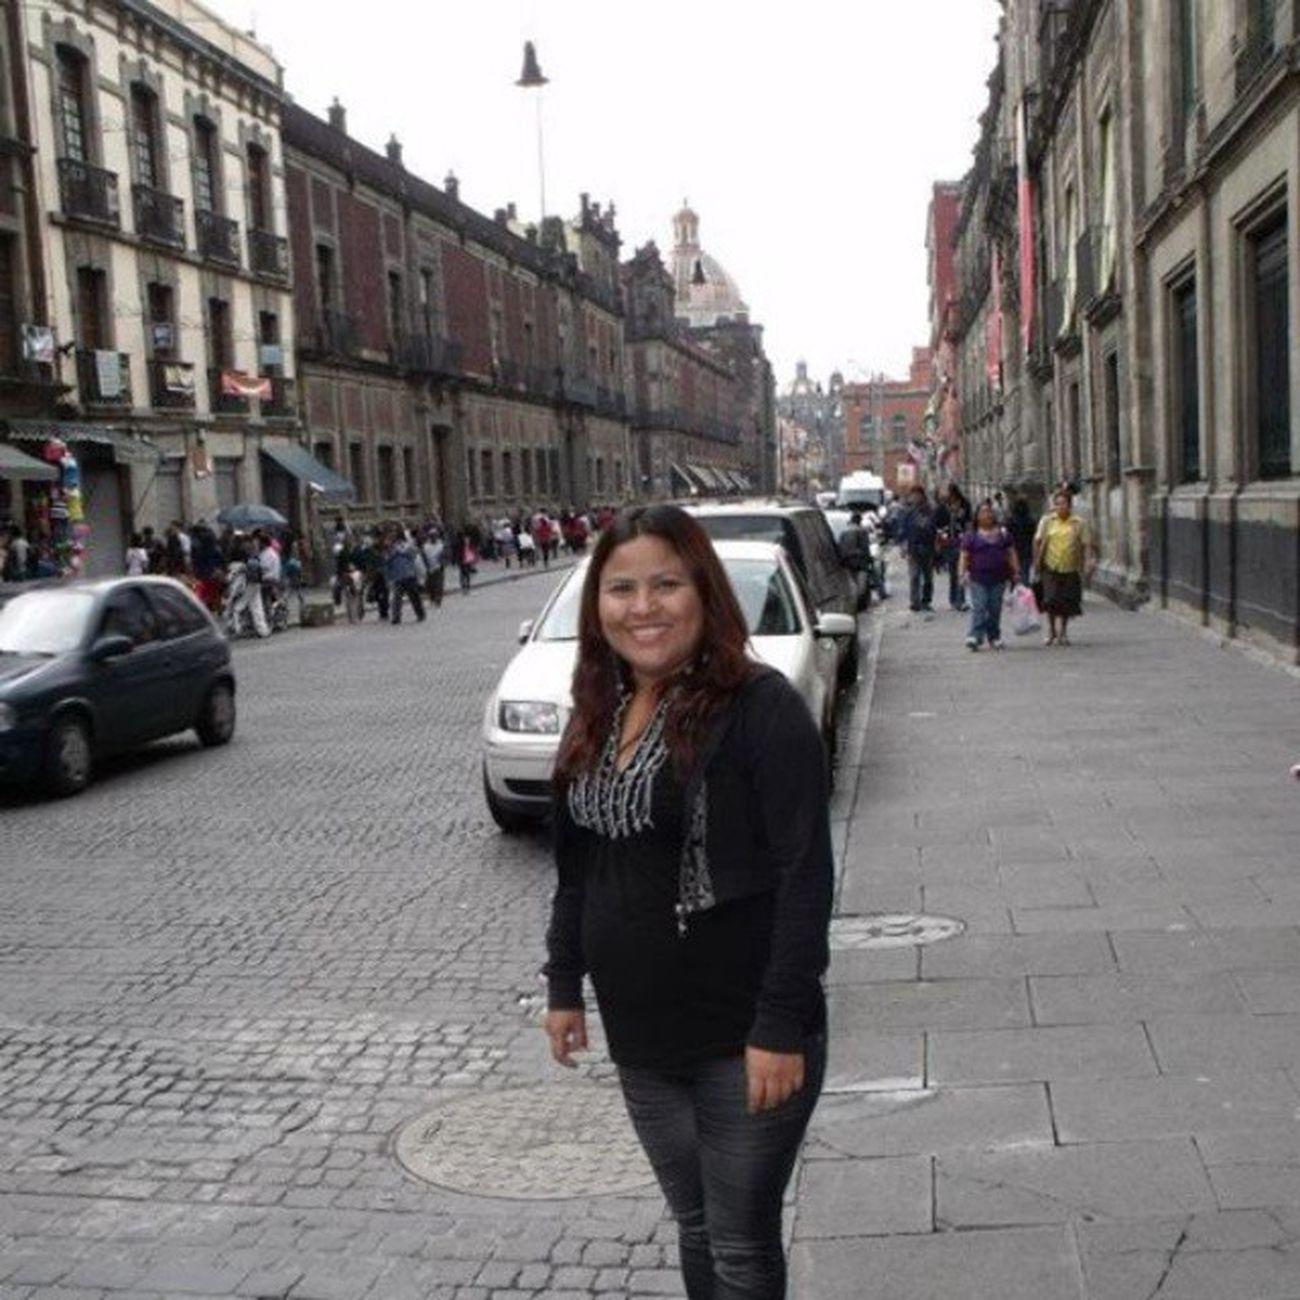 En 2012 con 5 meses de embarazo de Mi pequeño Guillermo Df Mexico Verano 2012 fabuloso